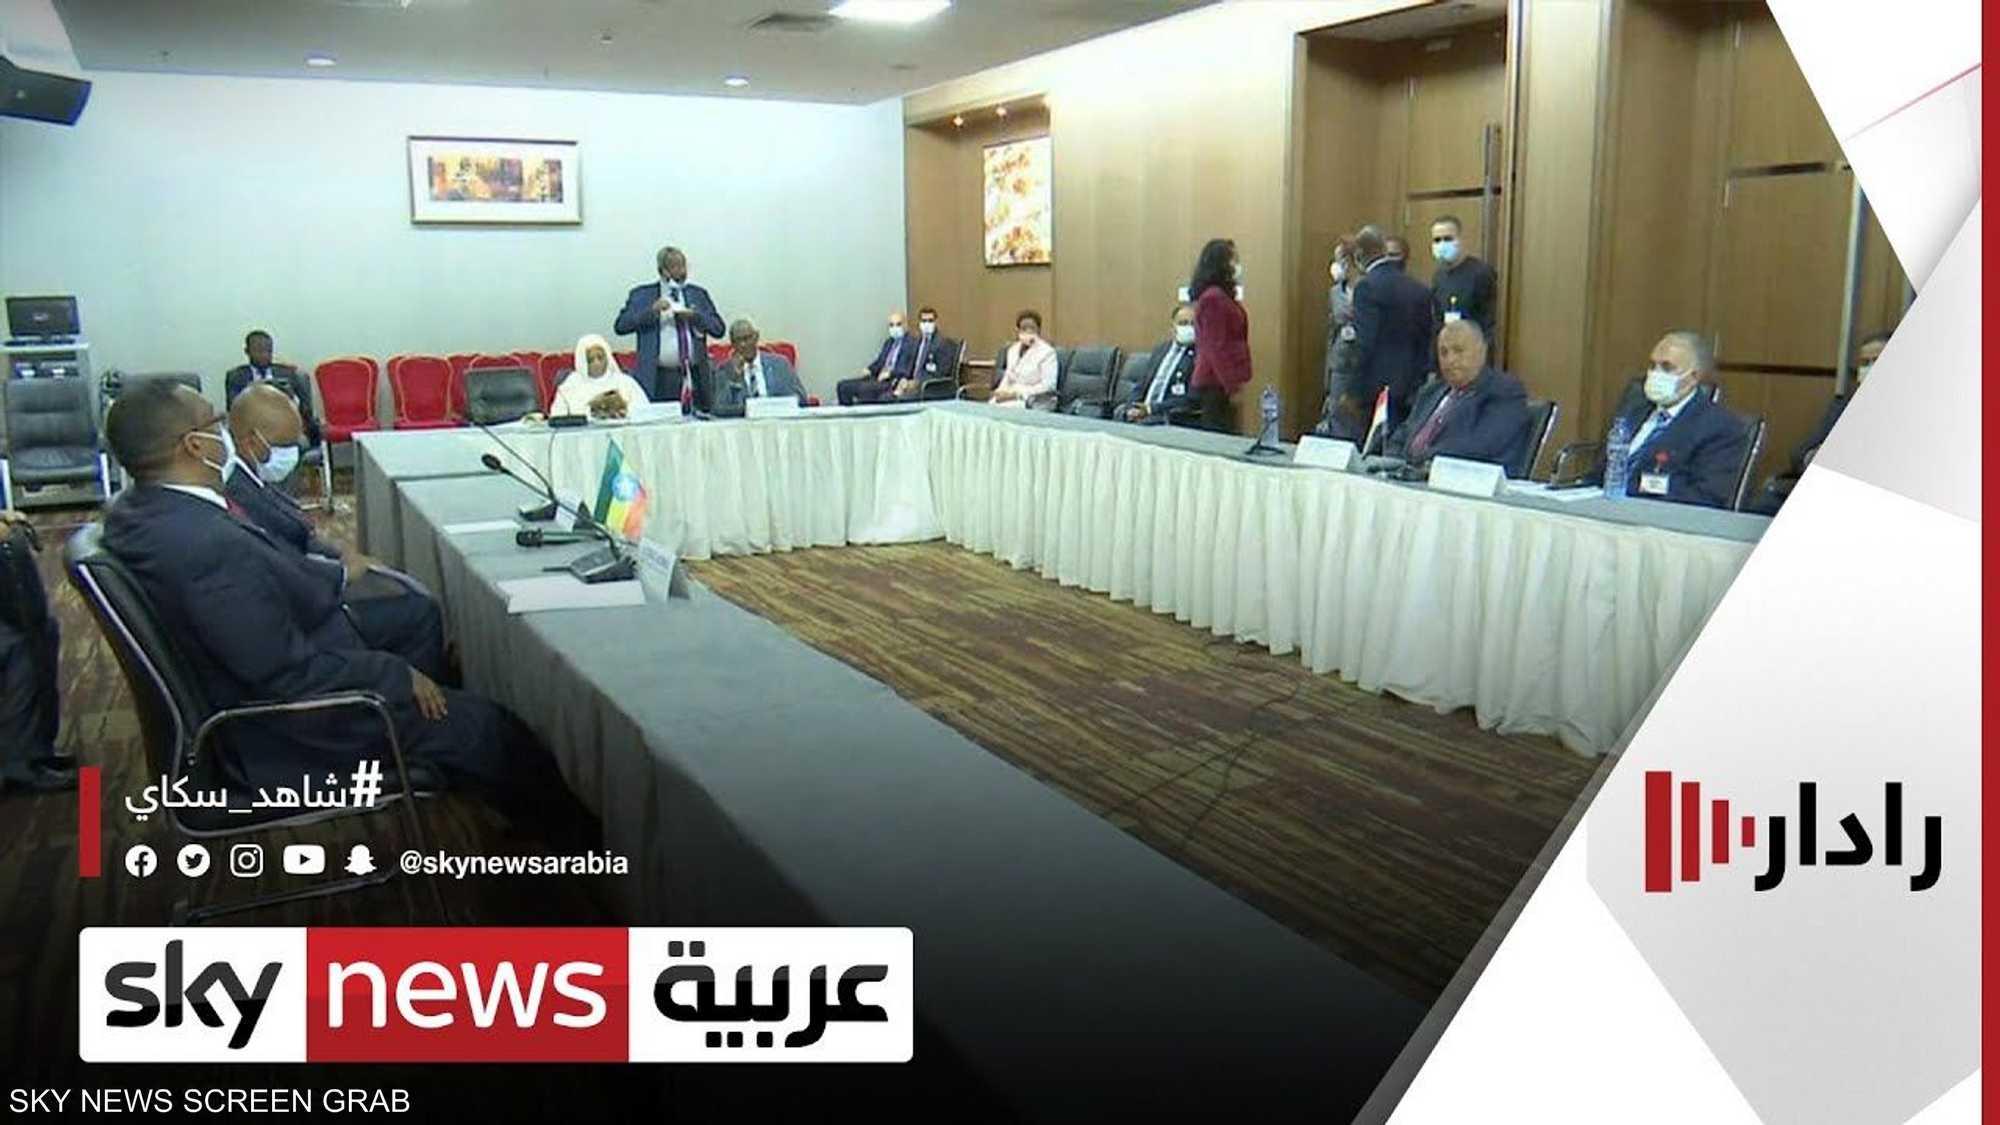 بعد محادثات بلا نتائج.. مصر والسودان يتهمان إثيوبيا بالتعنت